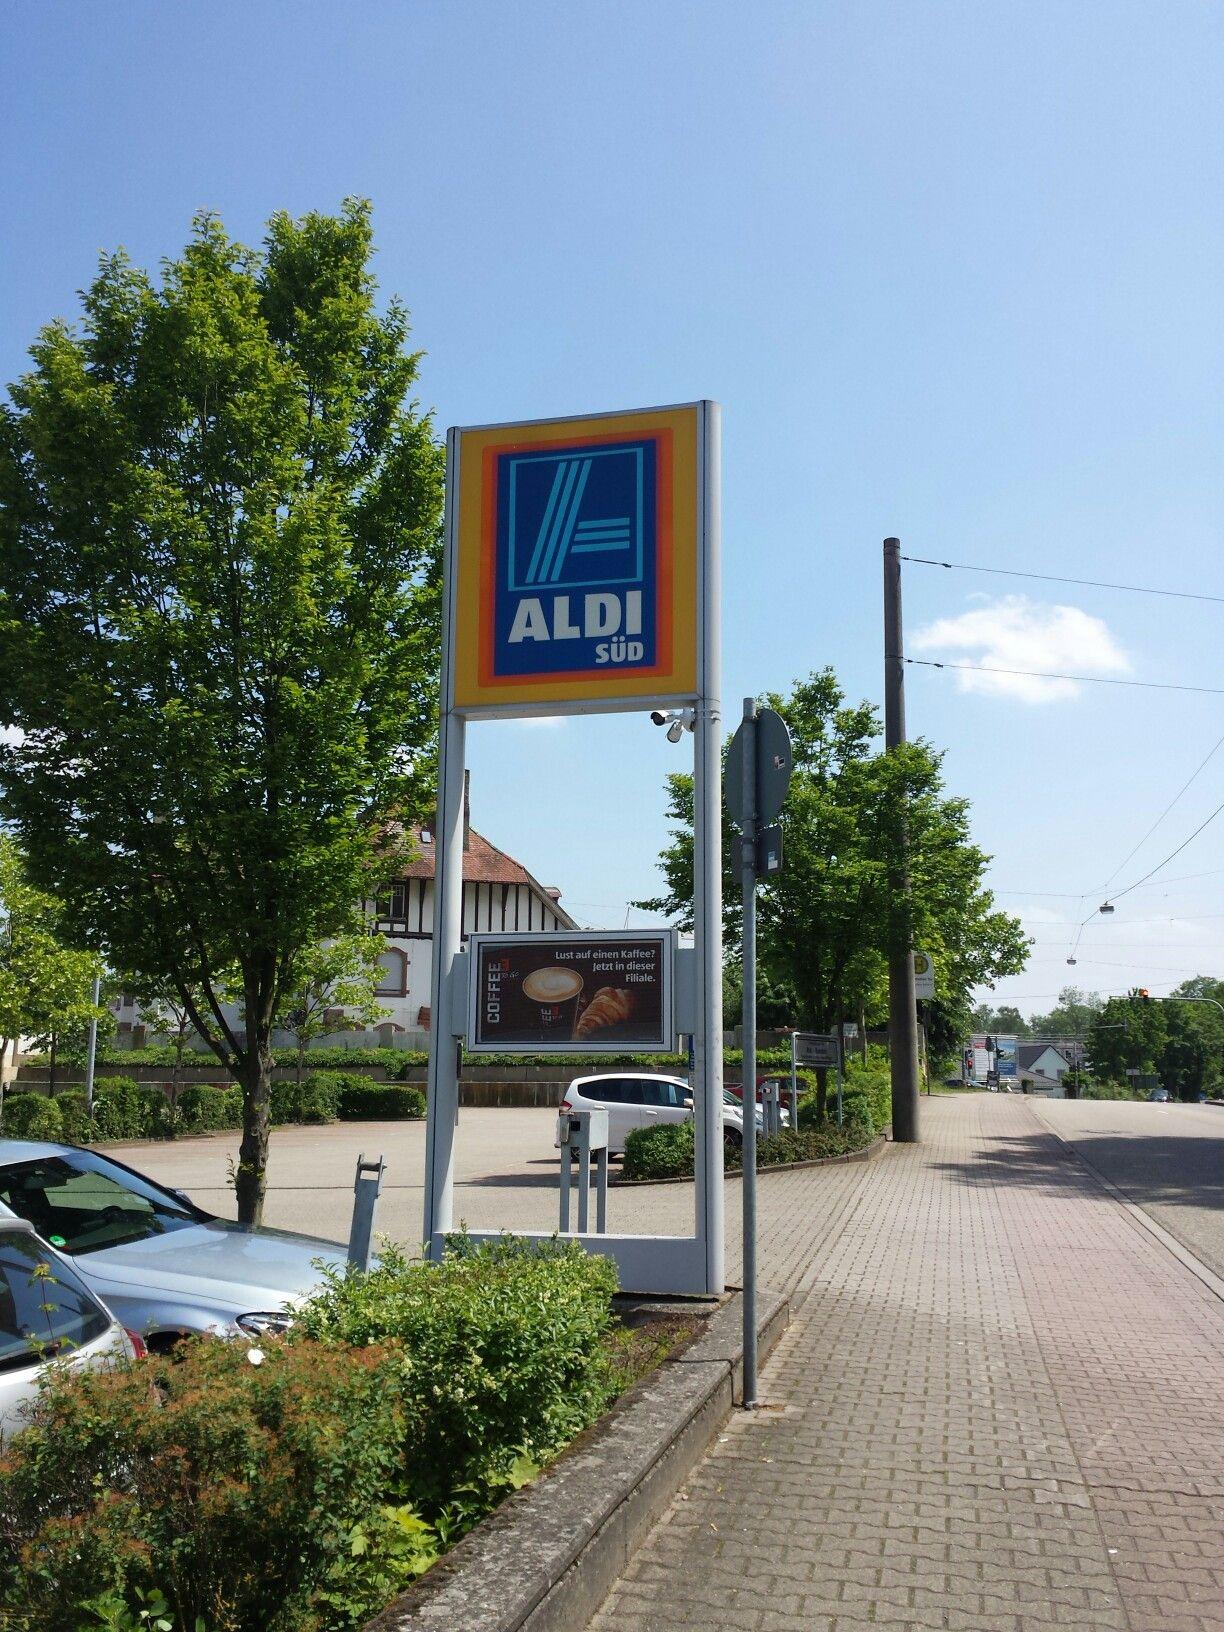 Aldi Sud Lutzowerstrasse 11 76437 Rastatt Aldisud Aldi Einkaufen Tipps